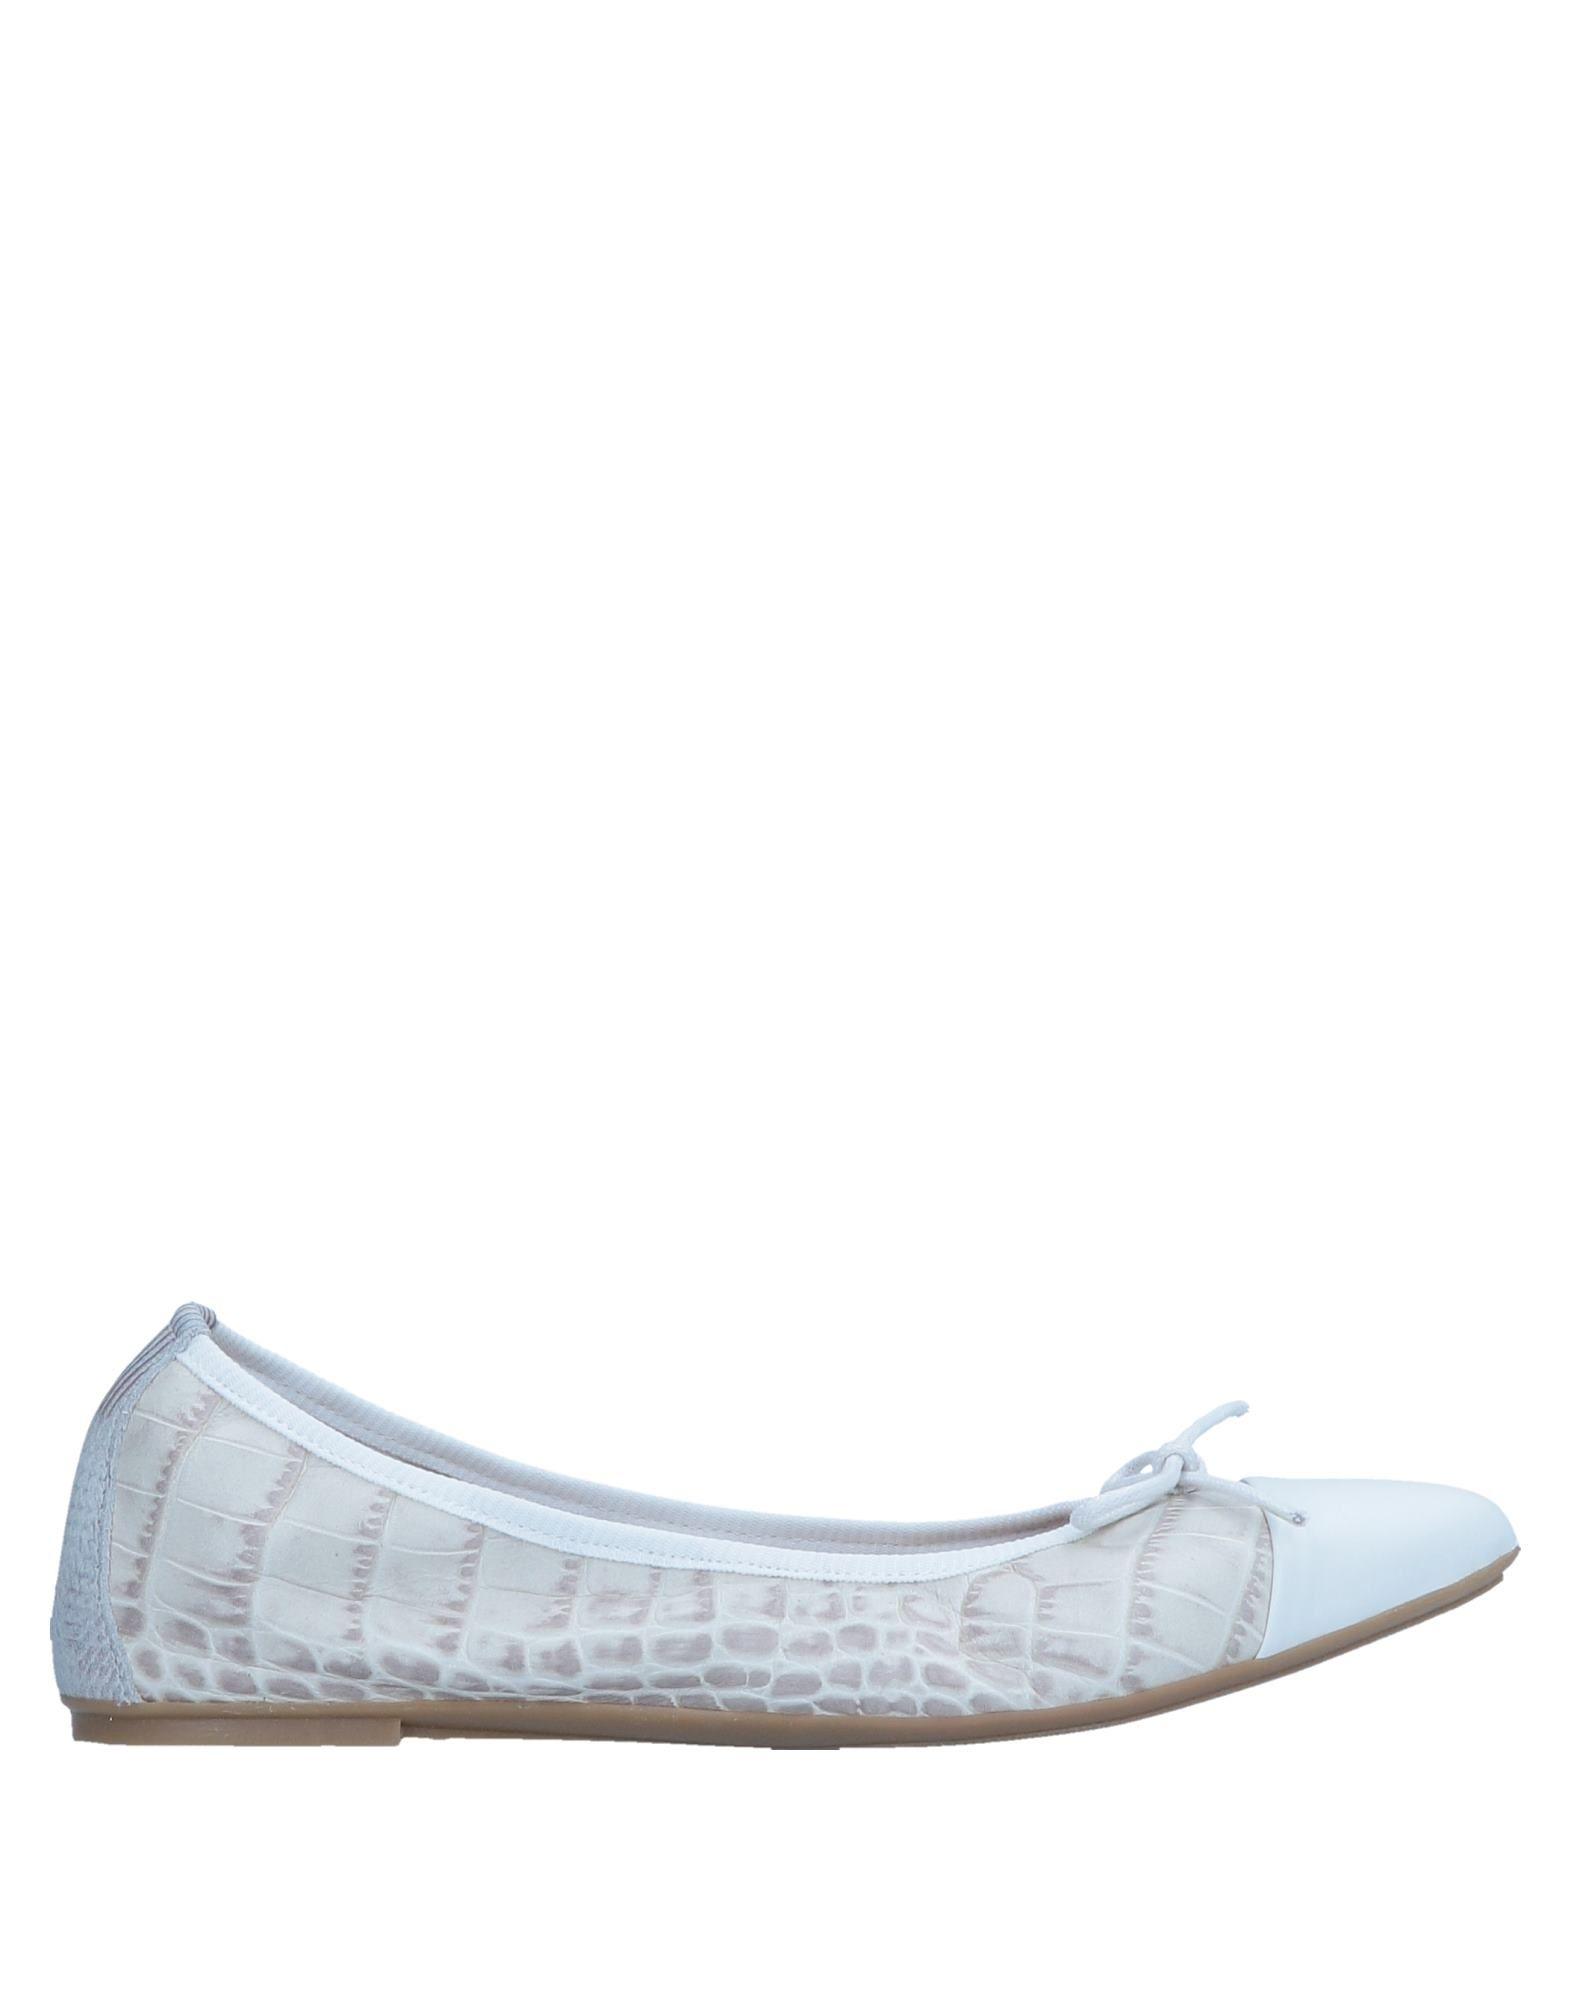 Ballerine Ebarrito Donna - 11551795HN Scarpe economiche e buone